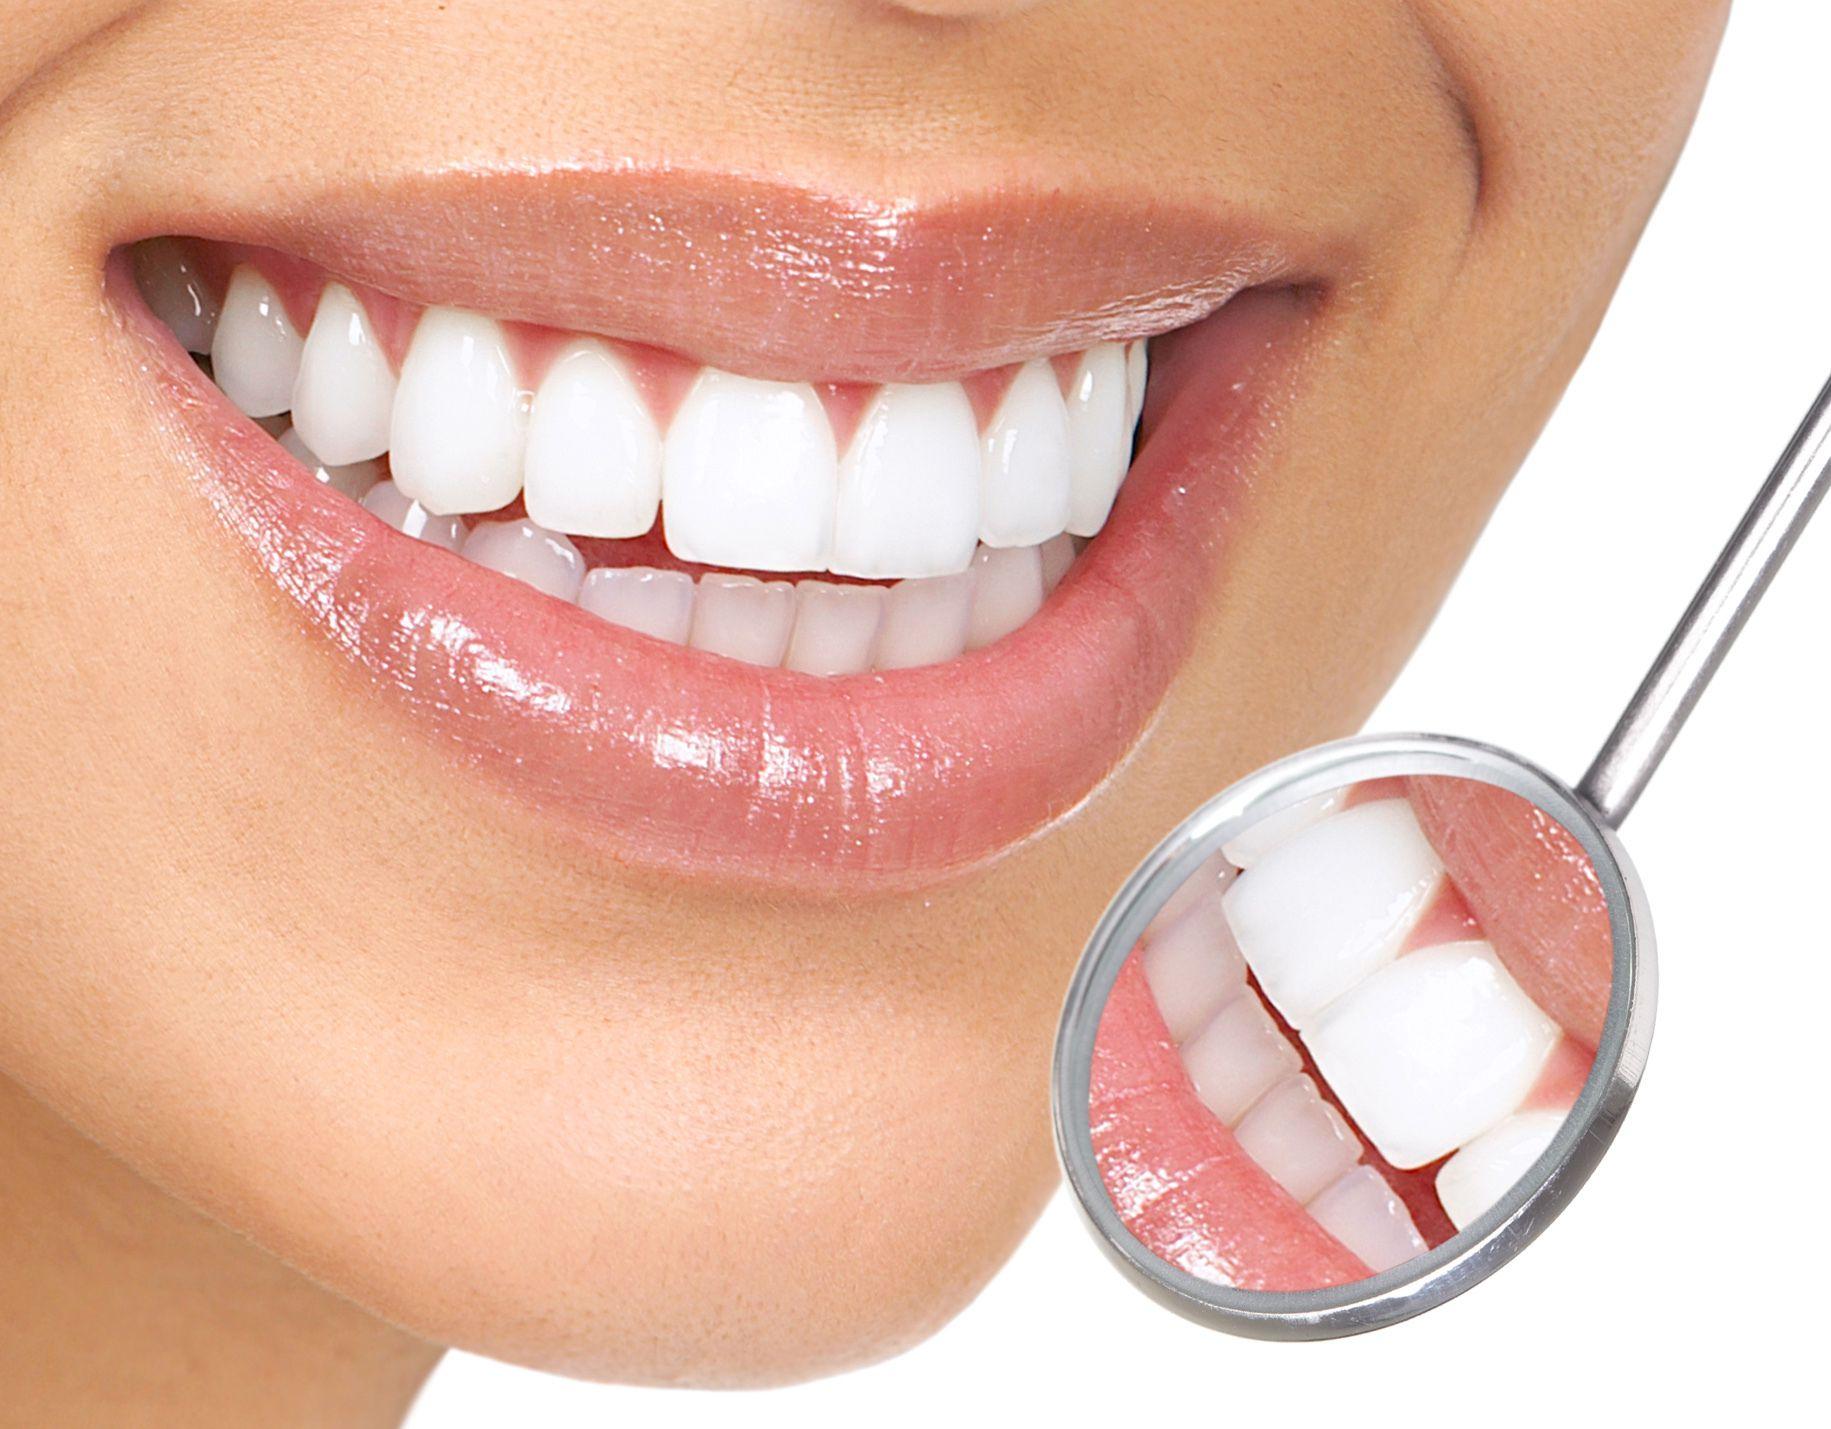 Loại răng sứ nào TỐT, SÁNG BÓNG, CHẮC KHỎE nhất??? 2